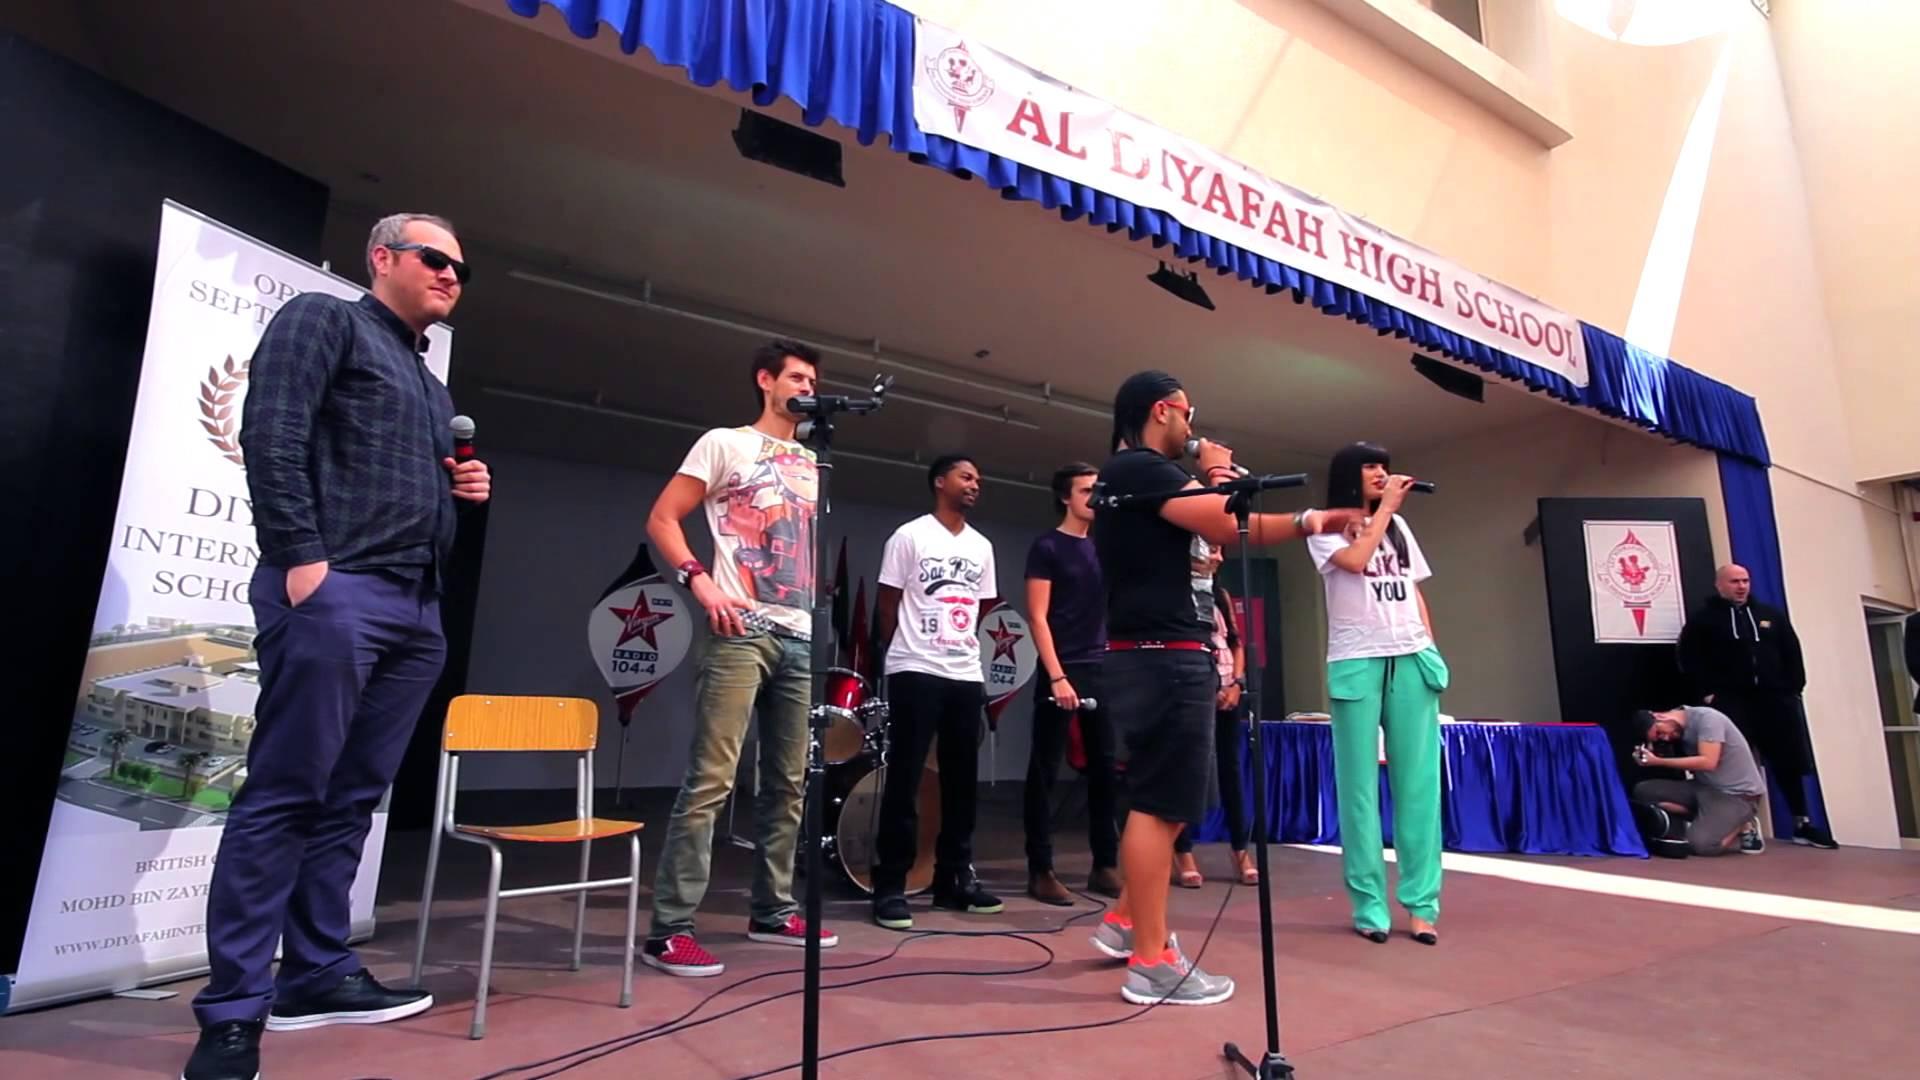 Jessie J in Dubai - Al Diyafah School